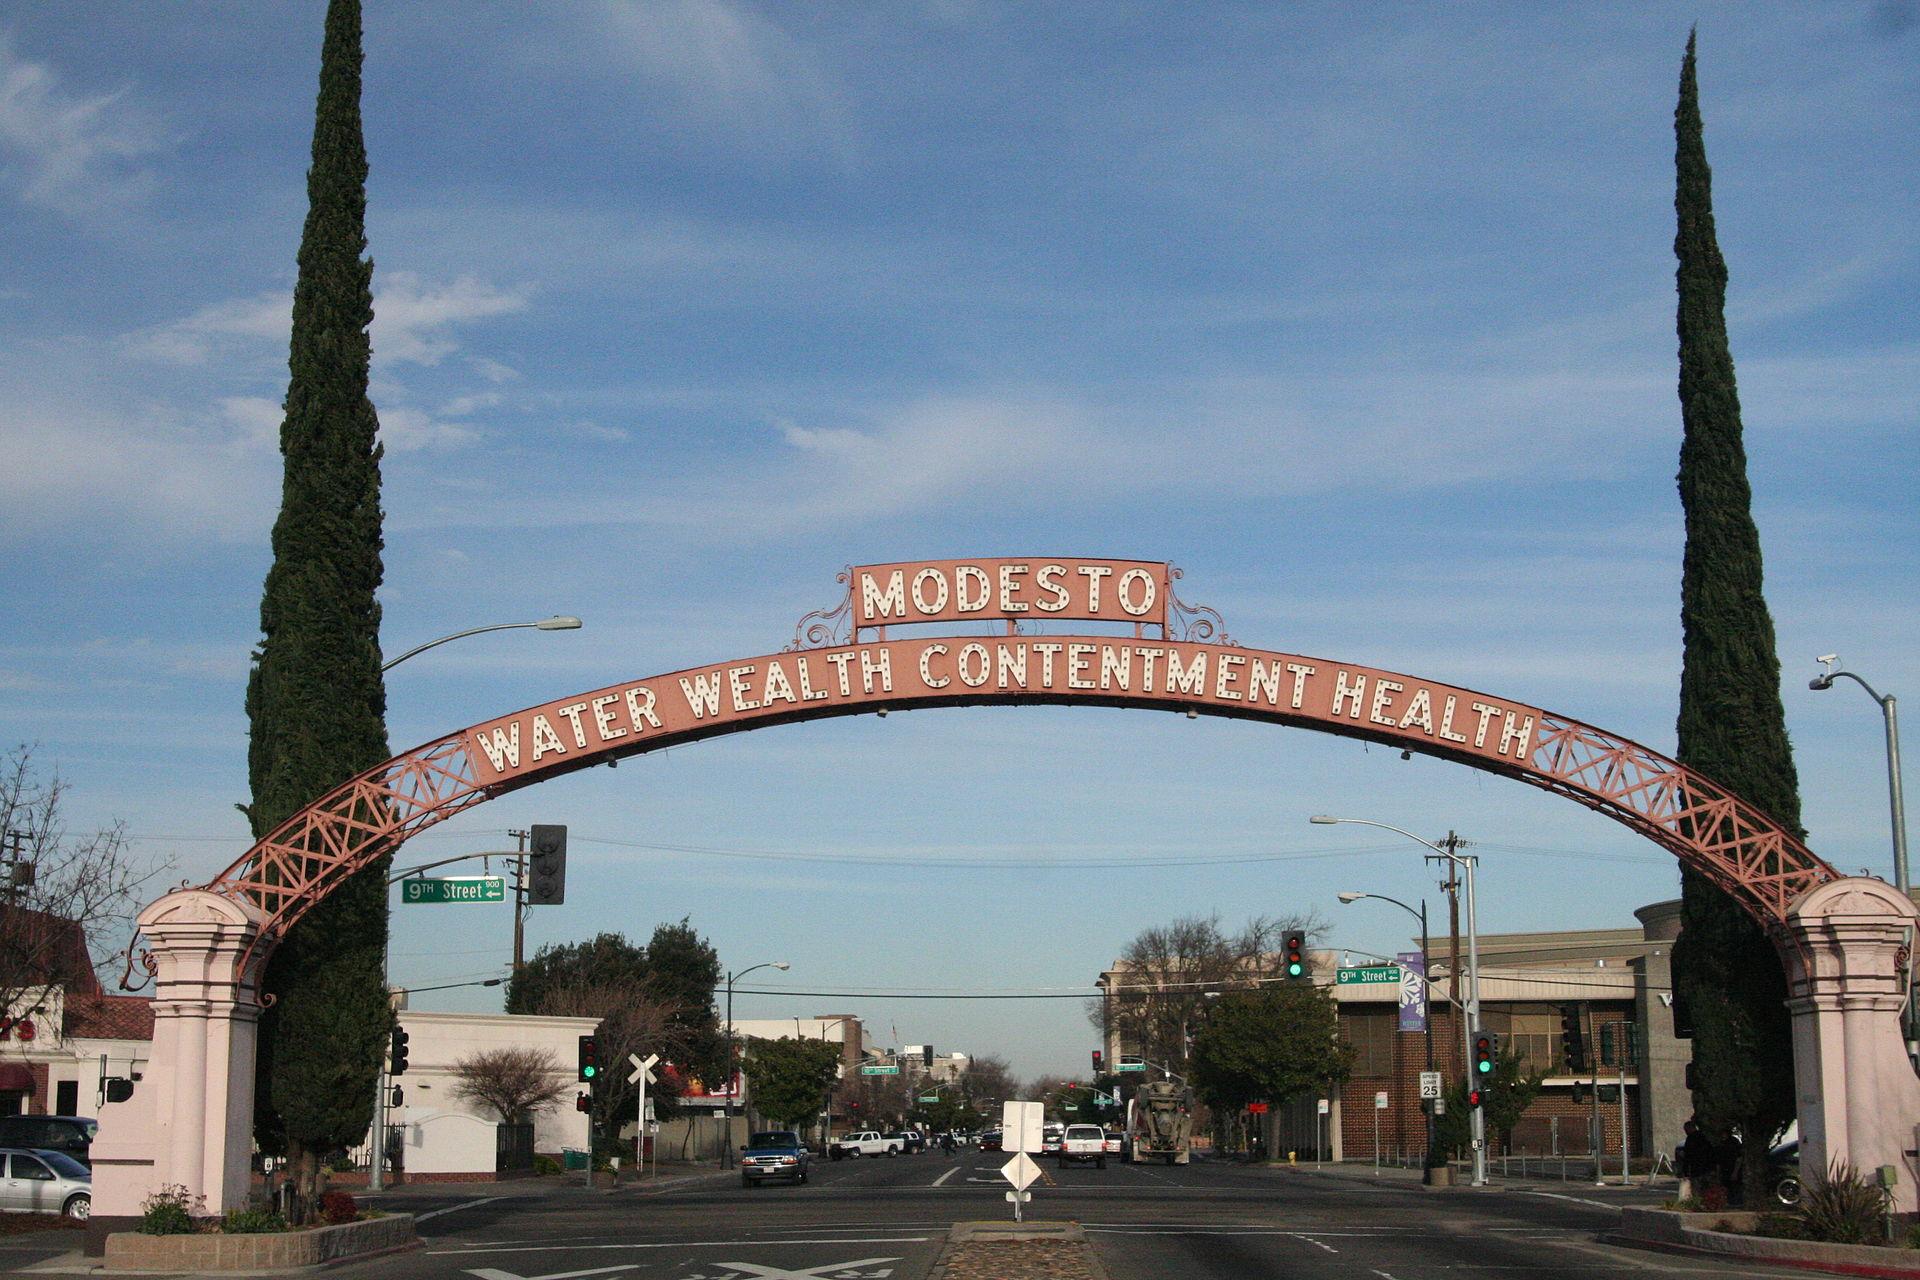 Modesto California